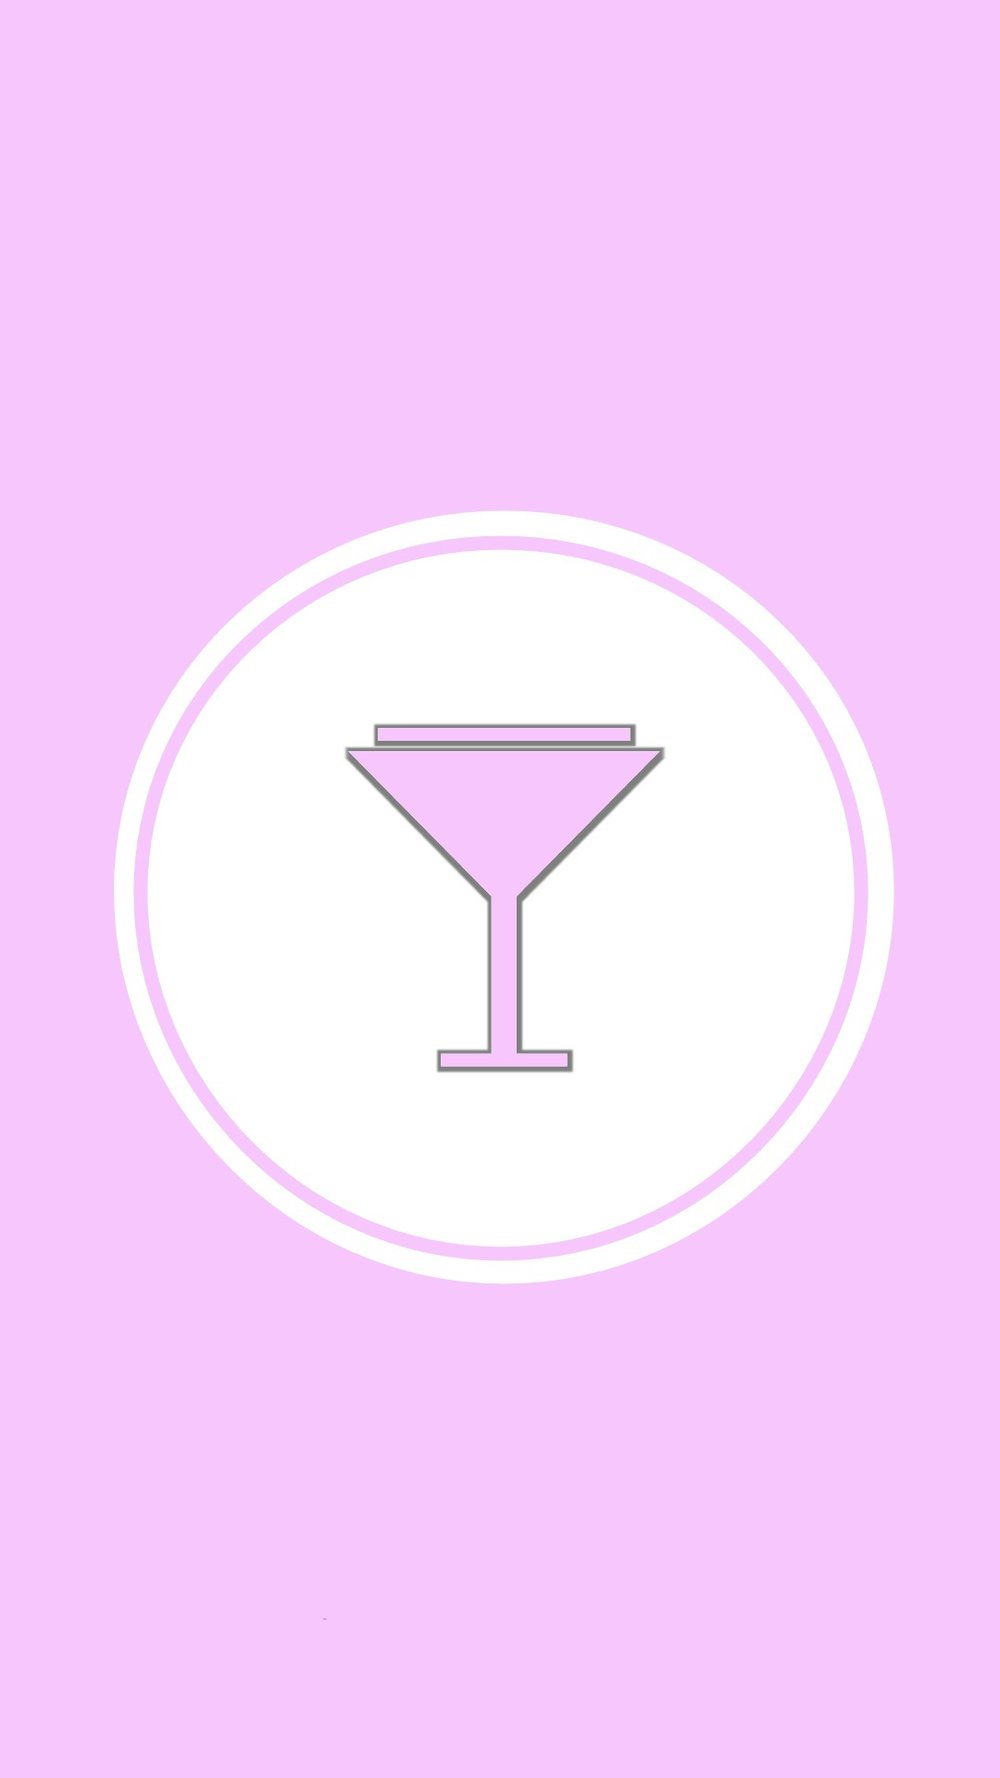 Instagram-cover-martiniglass-pink-lotnotes.com.jpg